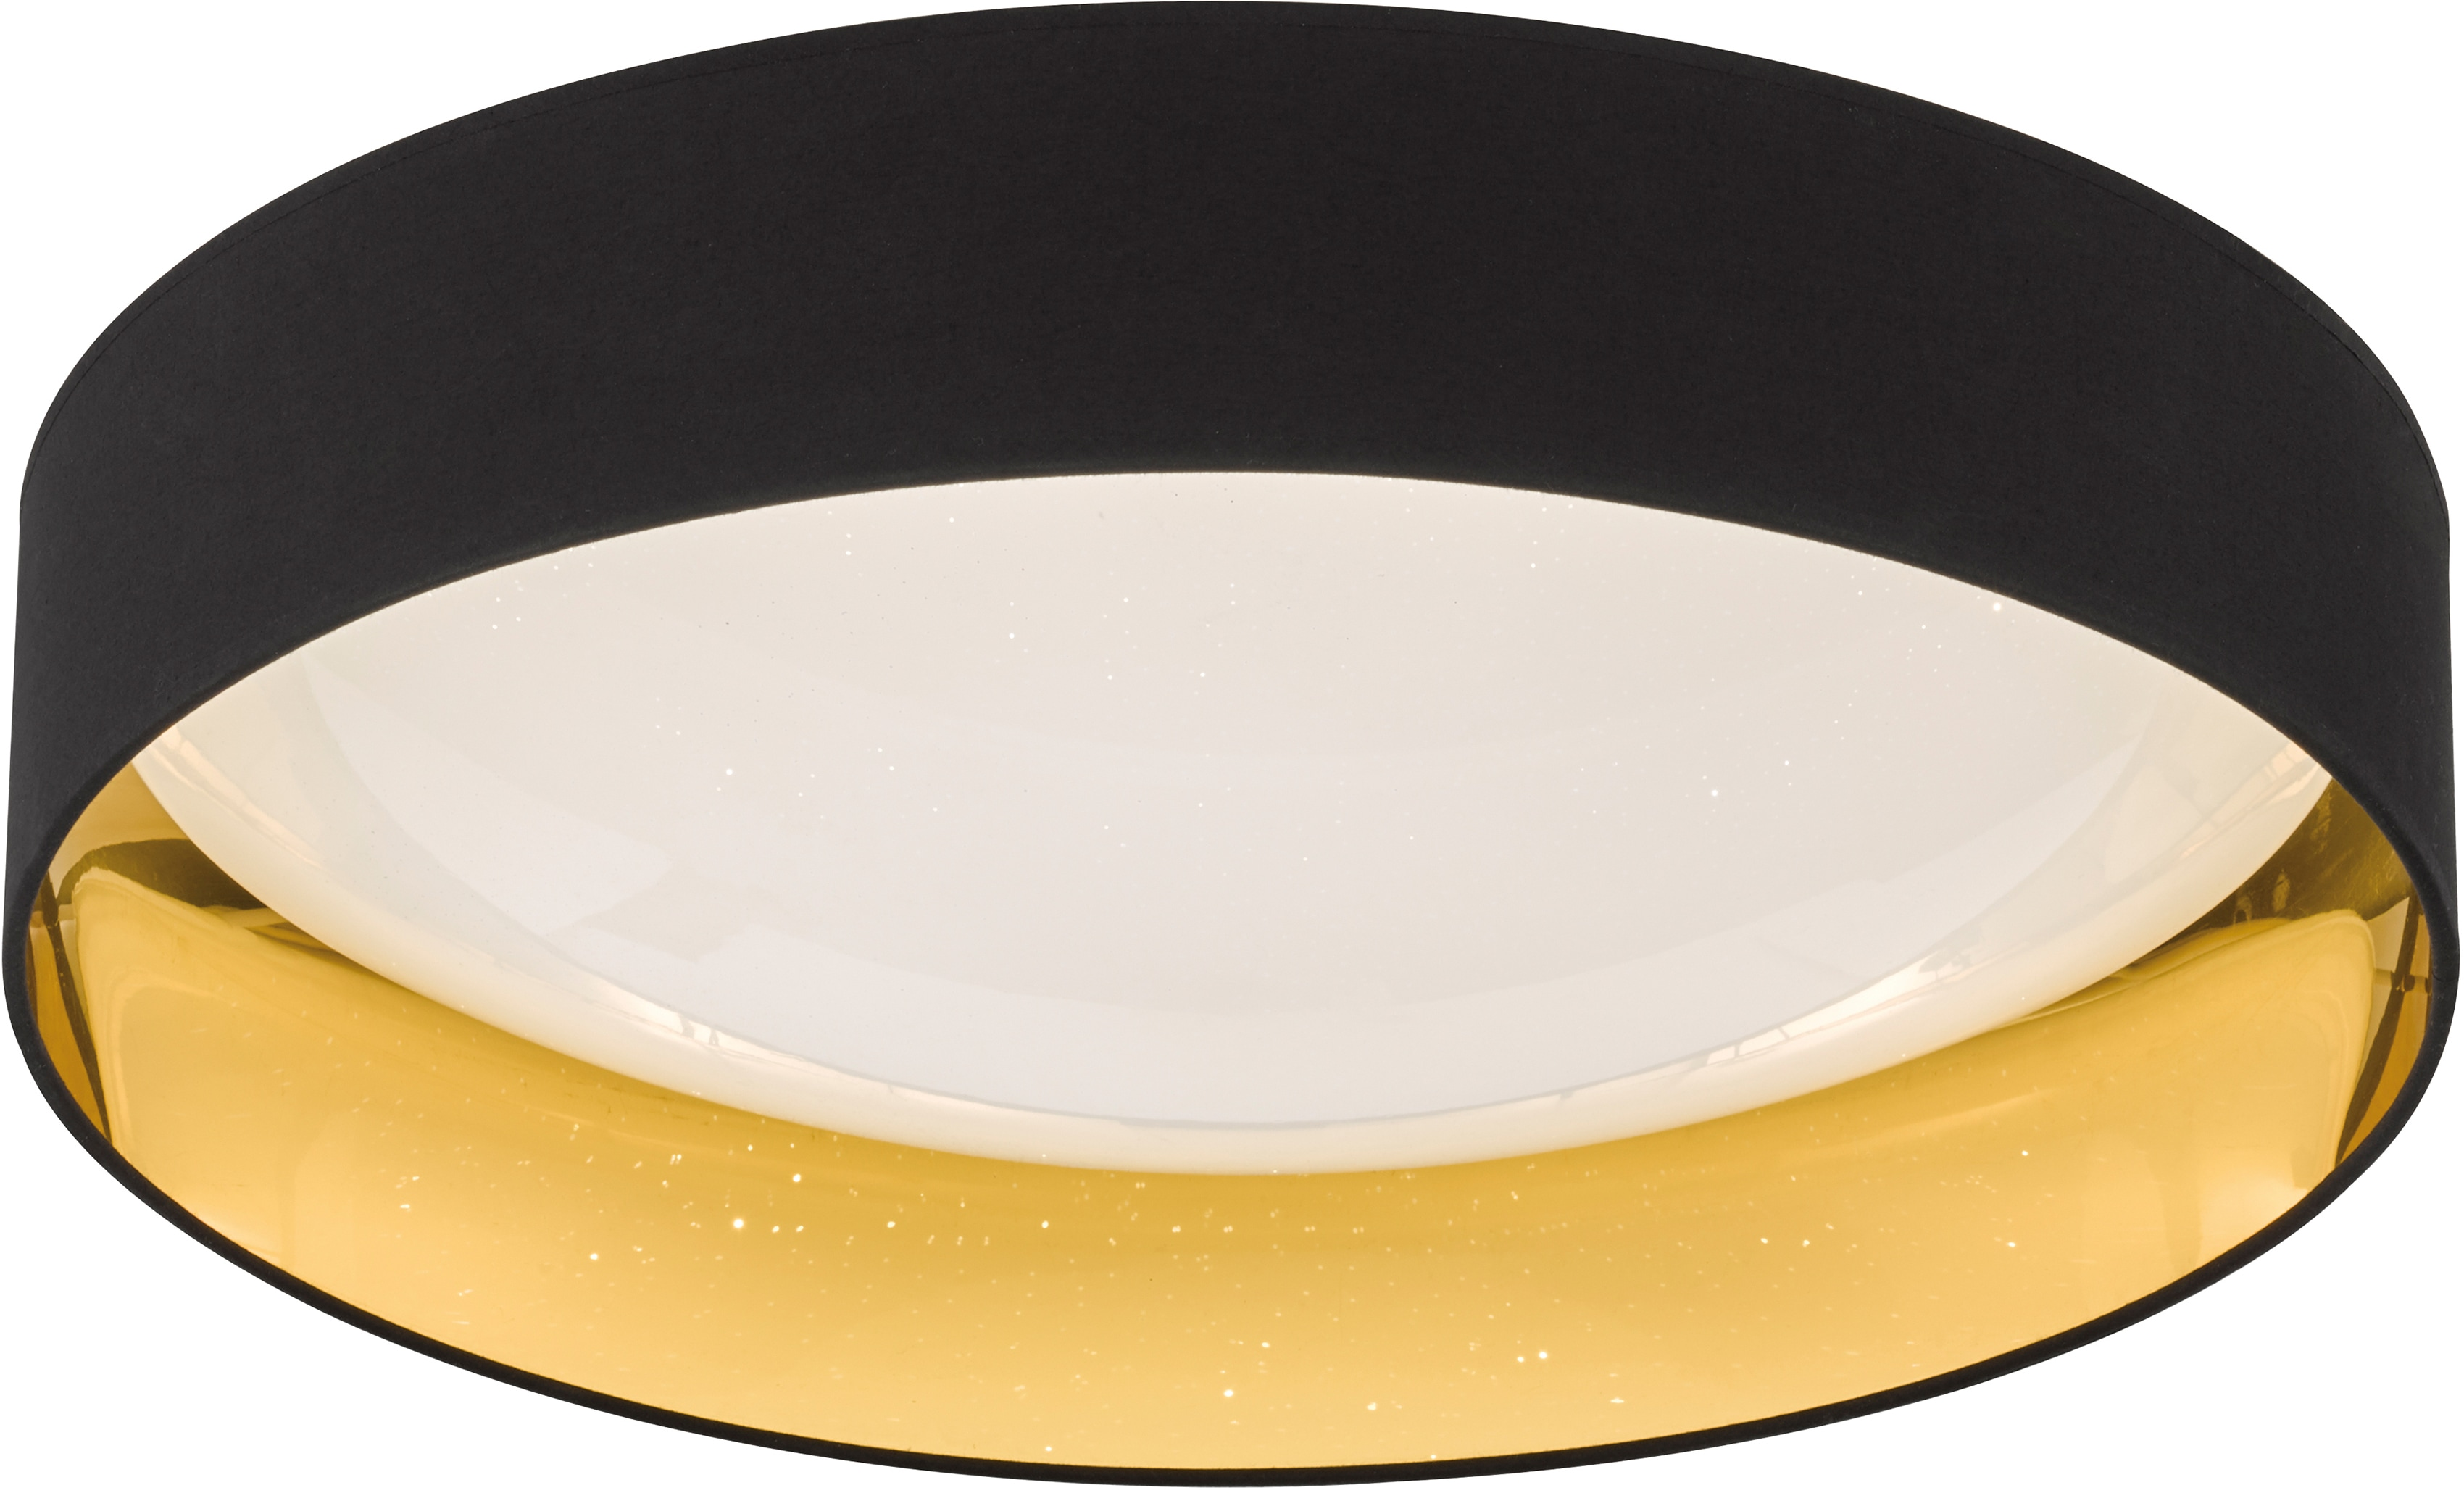 FISCHER & HONSEL LED Deckenleuchte Sete, LED-Modul, Warmweiß